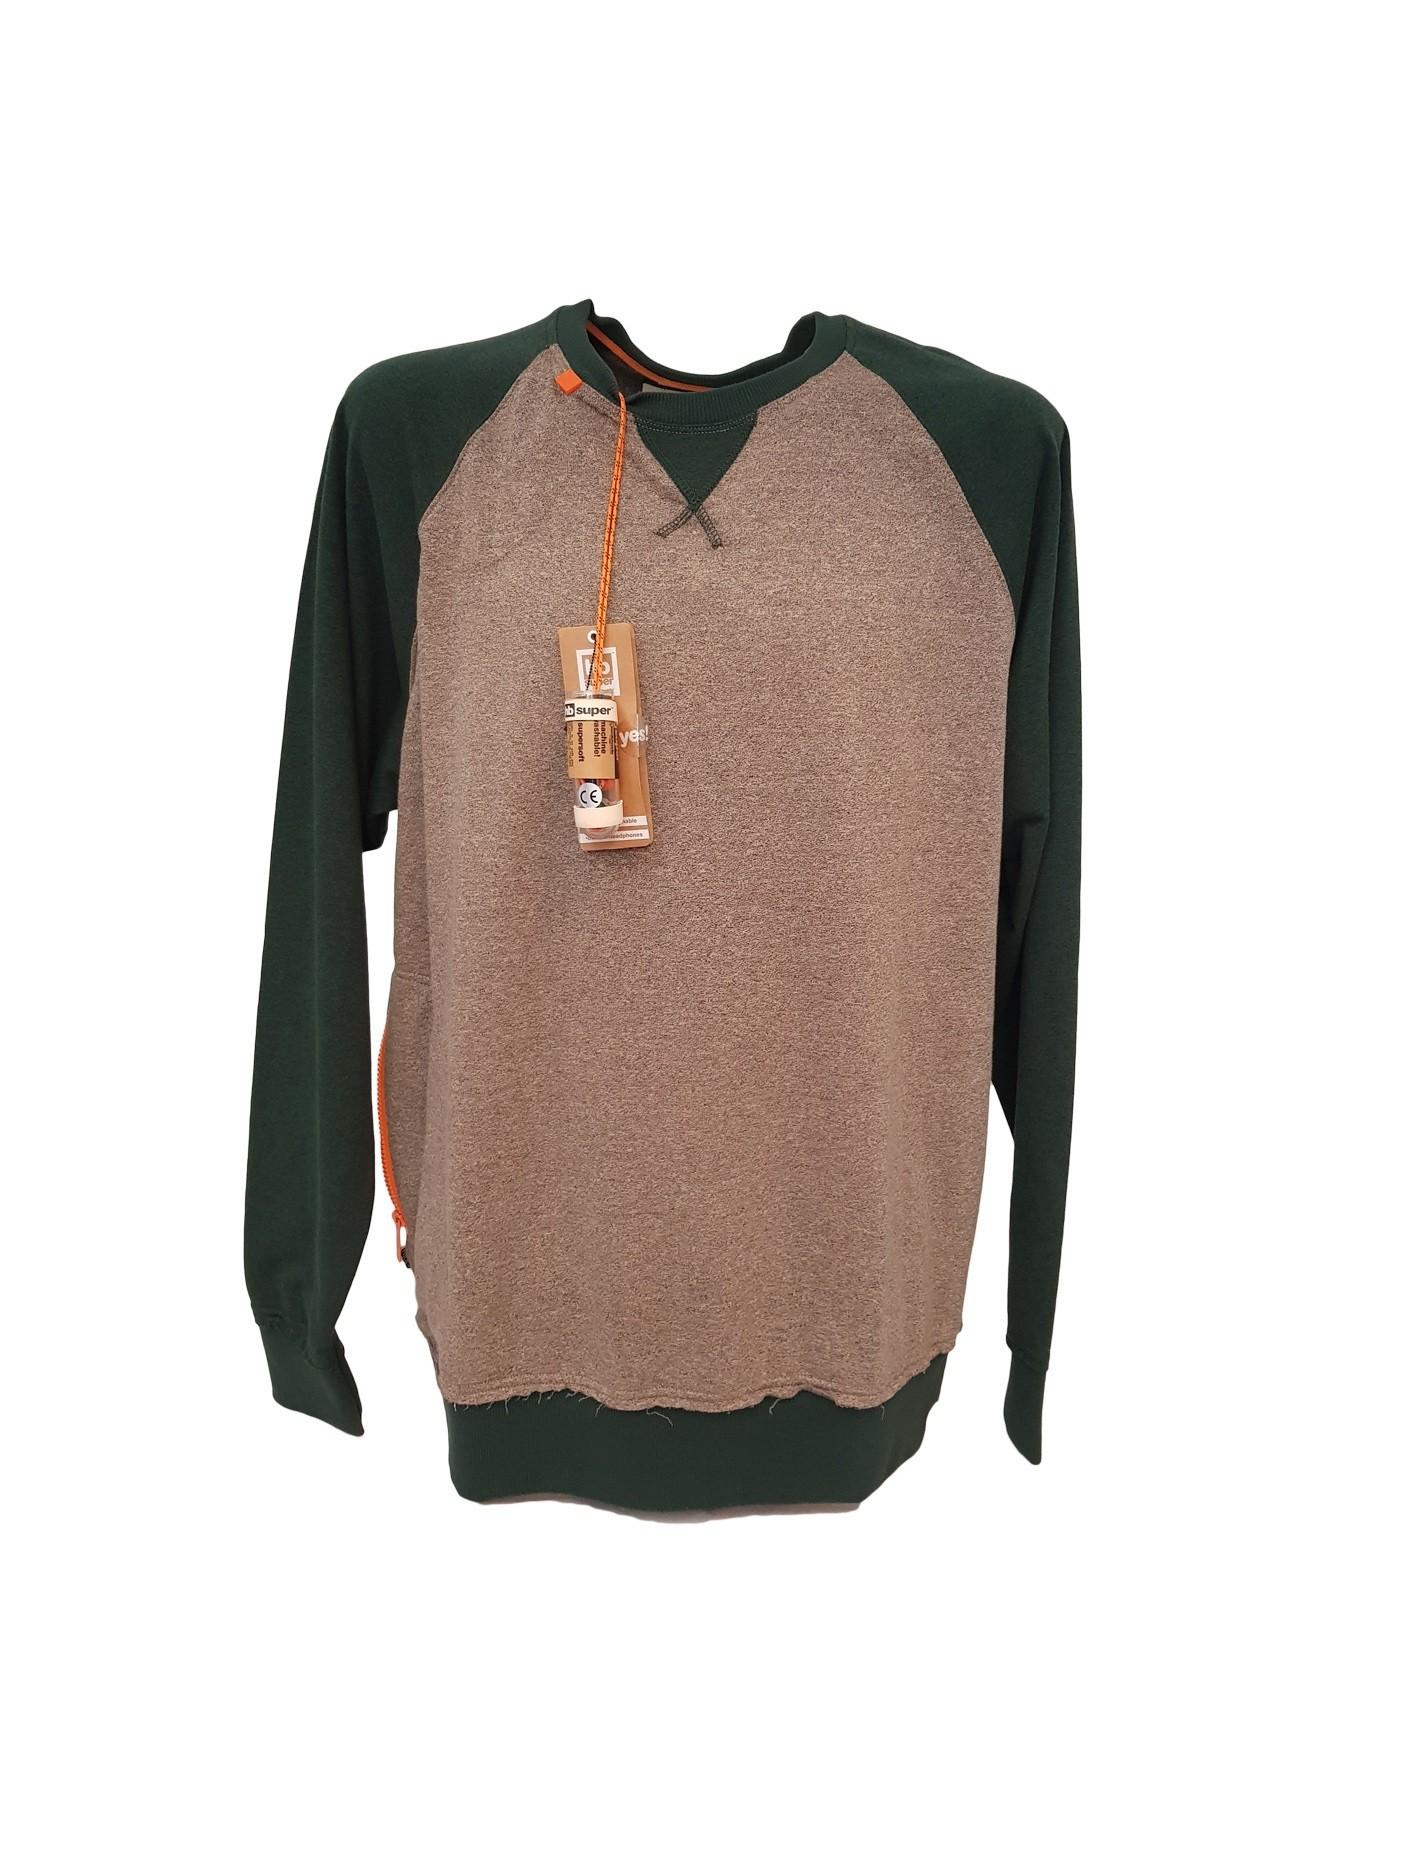 HOODIE BUDDIE Senior Pullover Sweatshirt #1